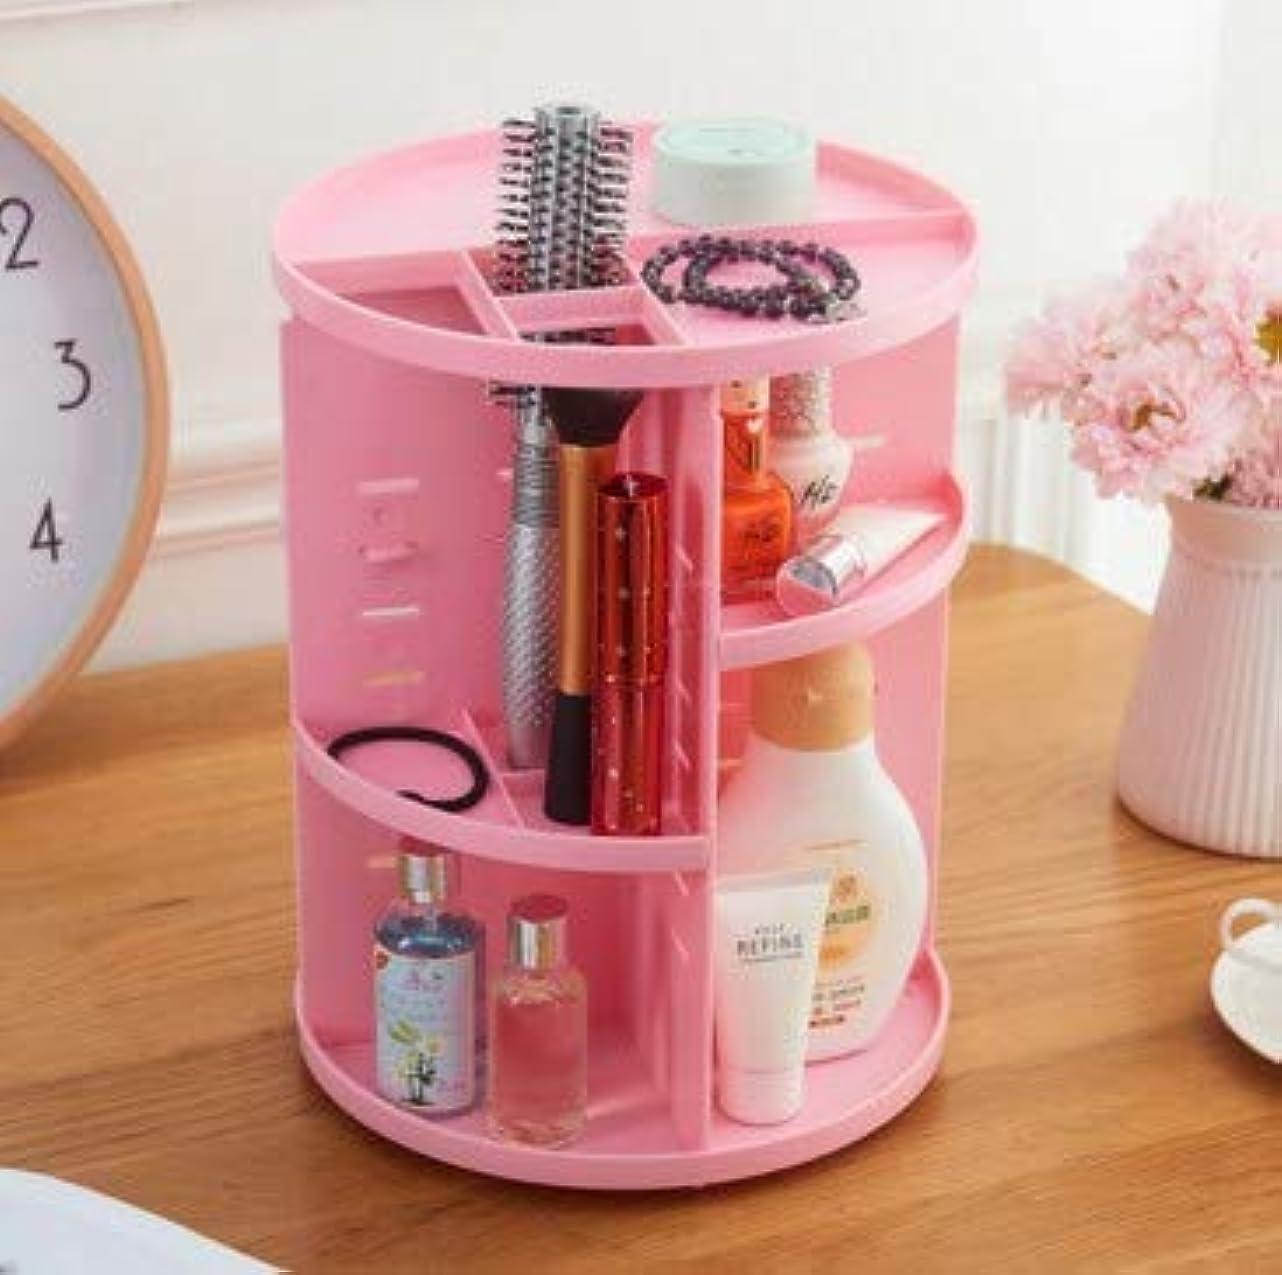 めまいアンビエント害虫デスクトップロータリー収納ボックス多機能プラスチックバスルーム仕上げボックス化粧品収納ボックス (Color : ピンク)